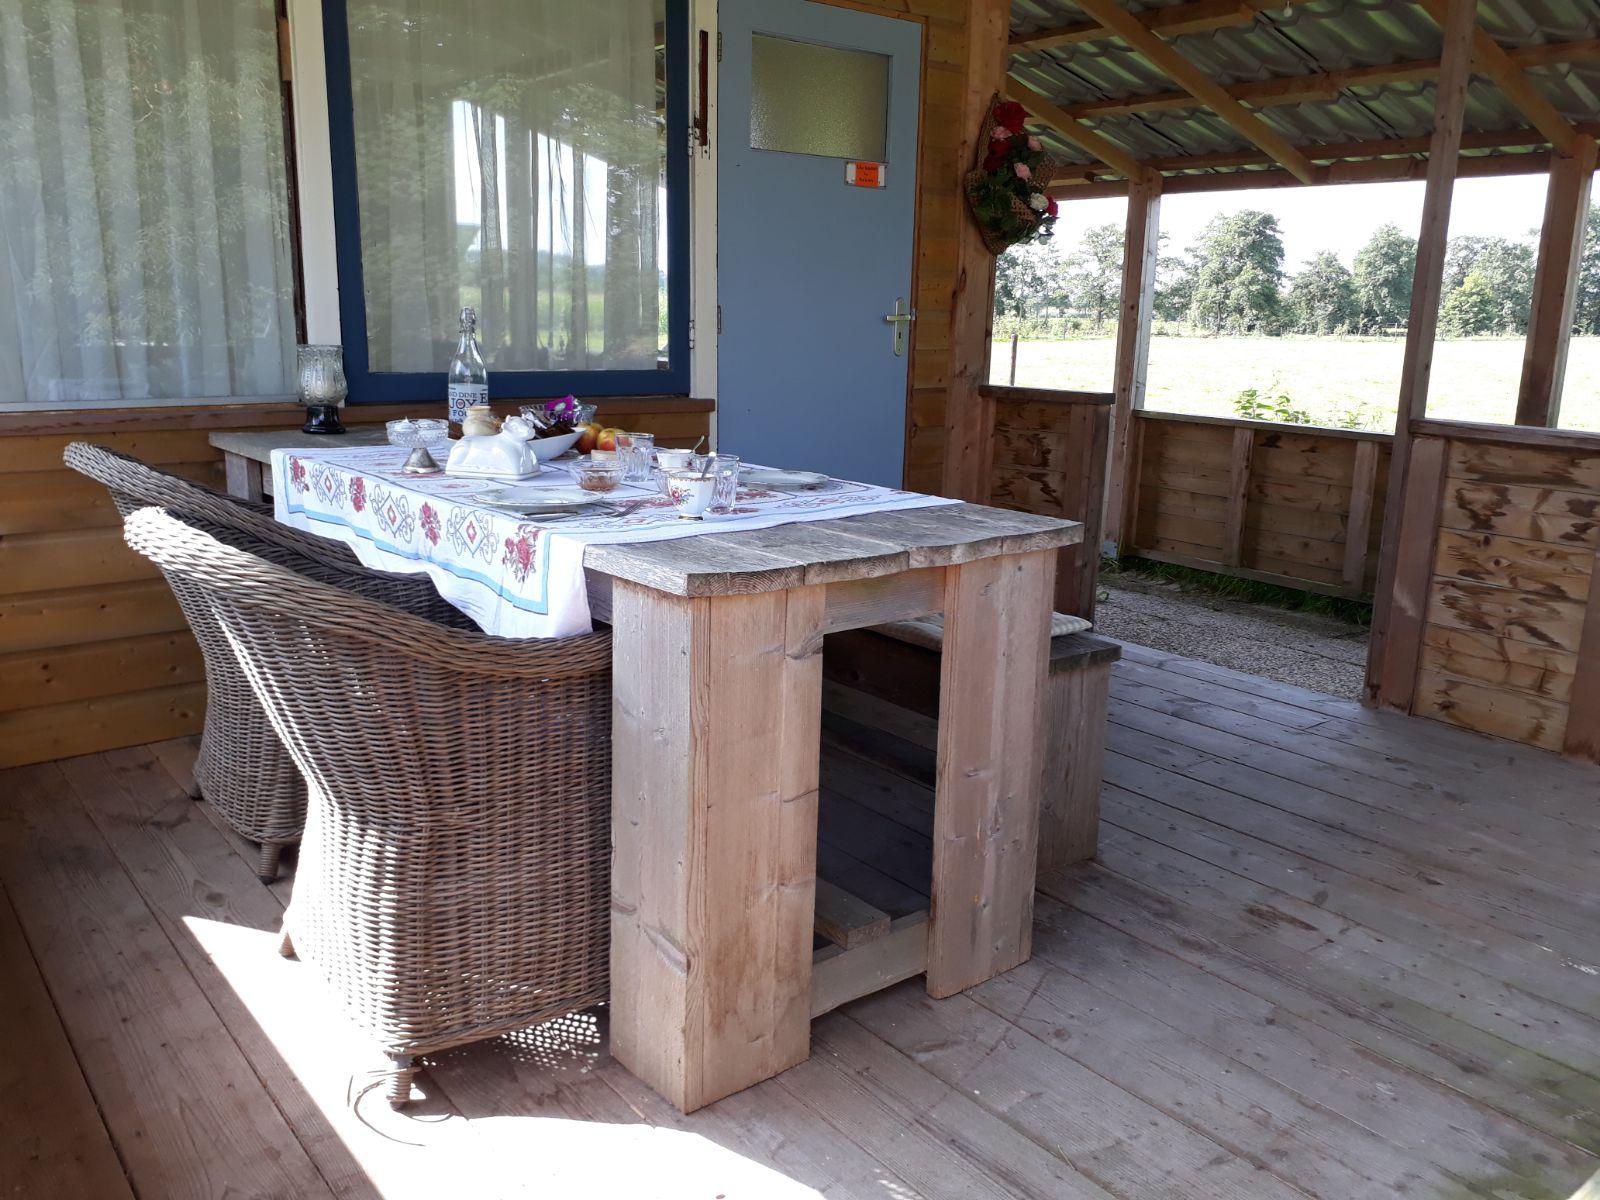 blokhut-breakfast2-overnachting-bedenbreakfast-gastenboerderij-lucaswolde-groningen